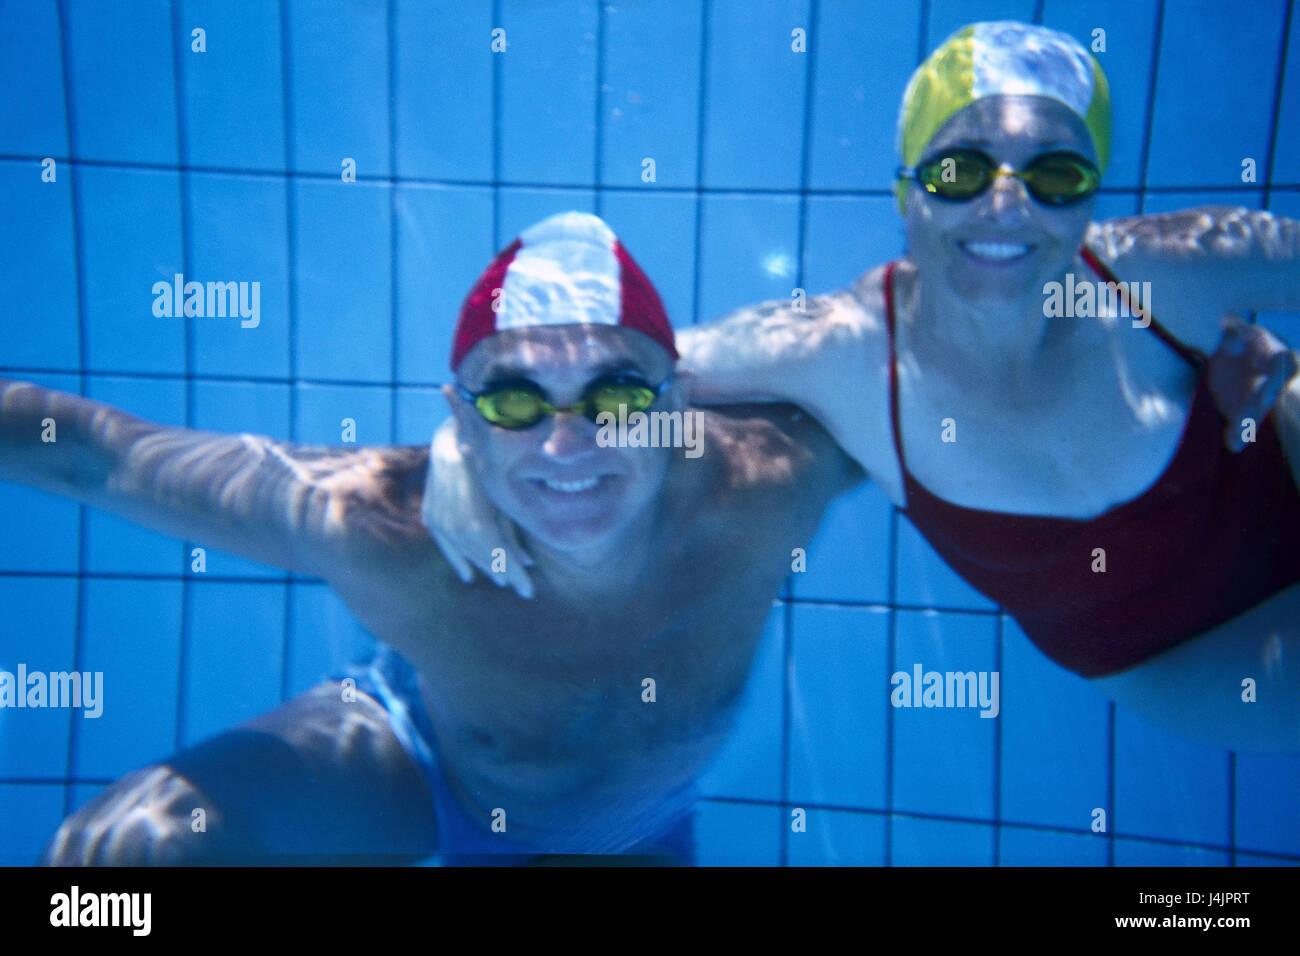 Vasca Da Nuoto : Rio da oggi si nuota nella vasca delle olimpiadi il mondo del nuoto